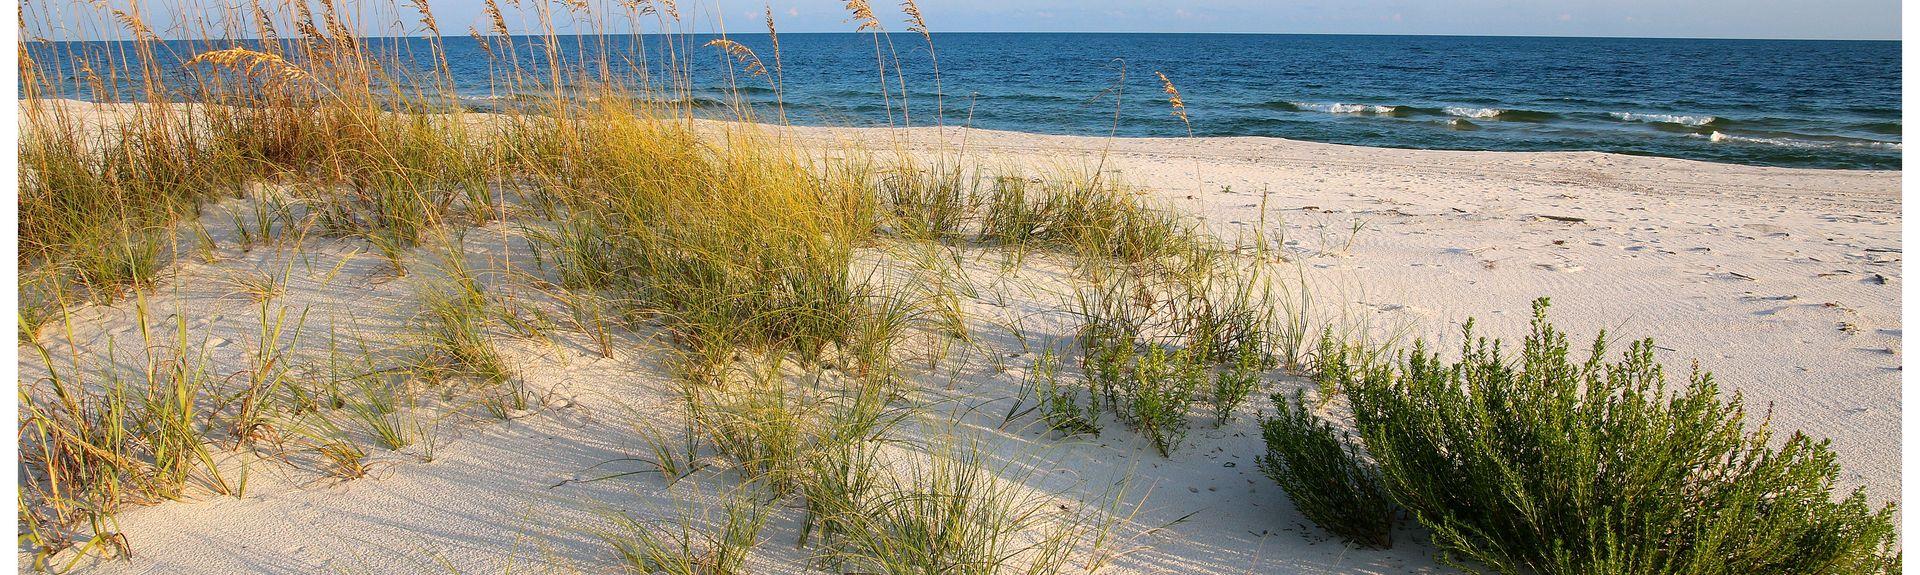 Village of Tannin (Orange Beach, Alabama, Verenigde Staten)